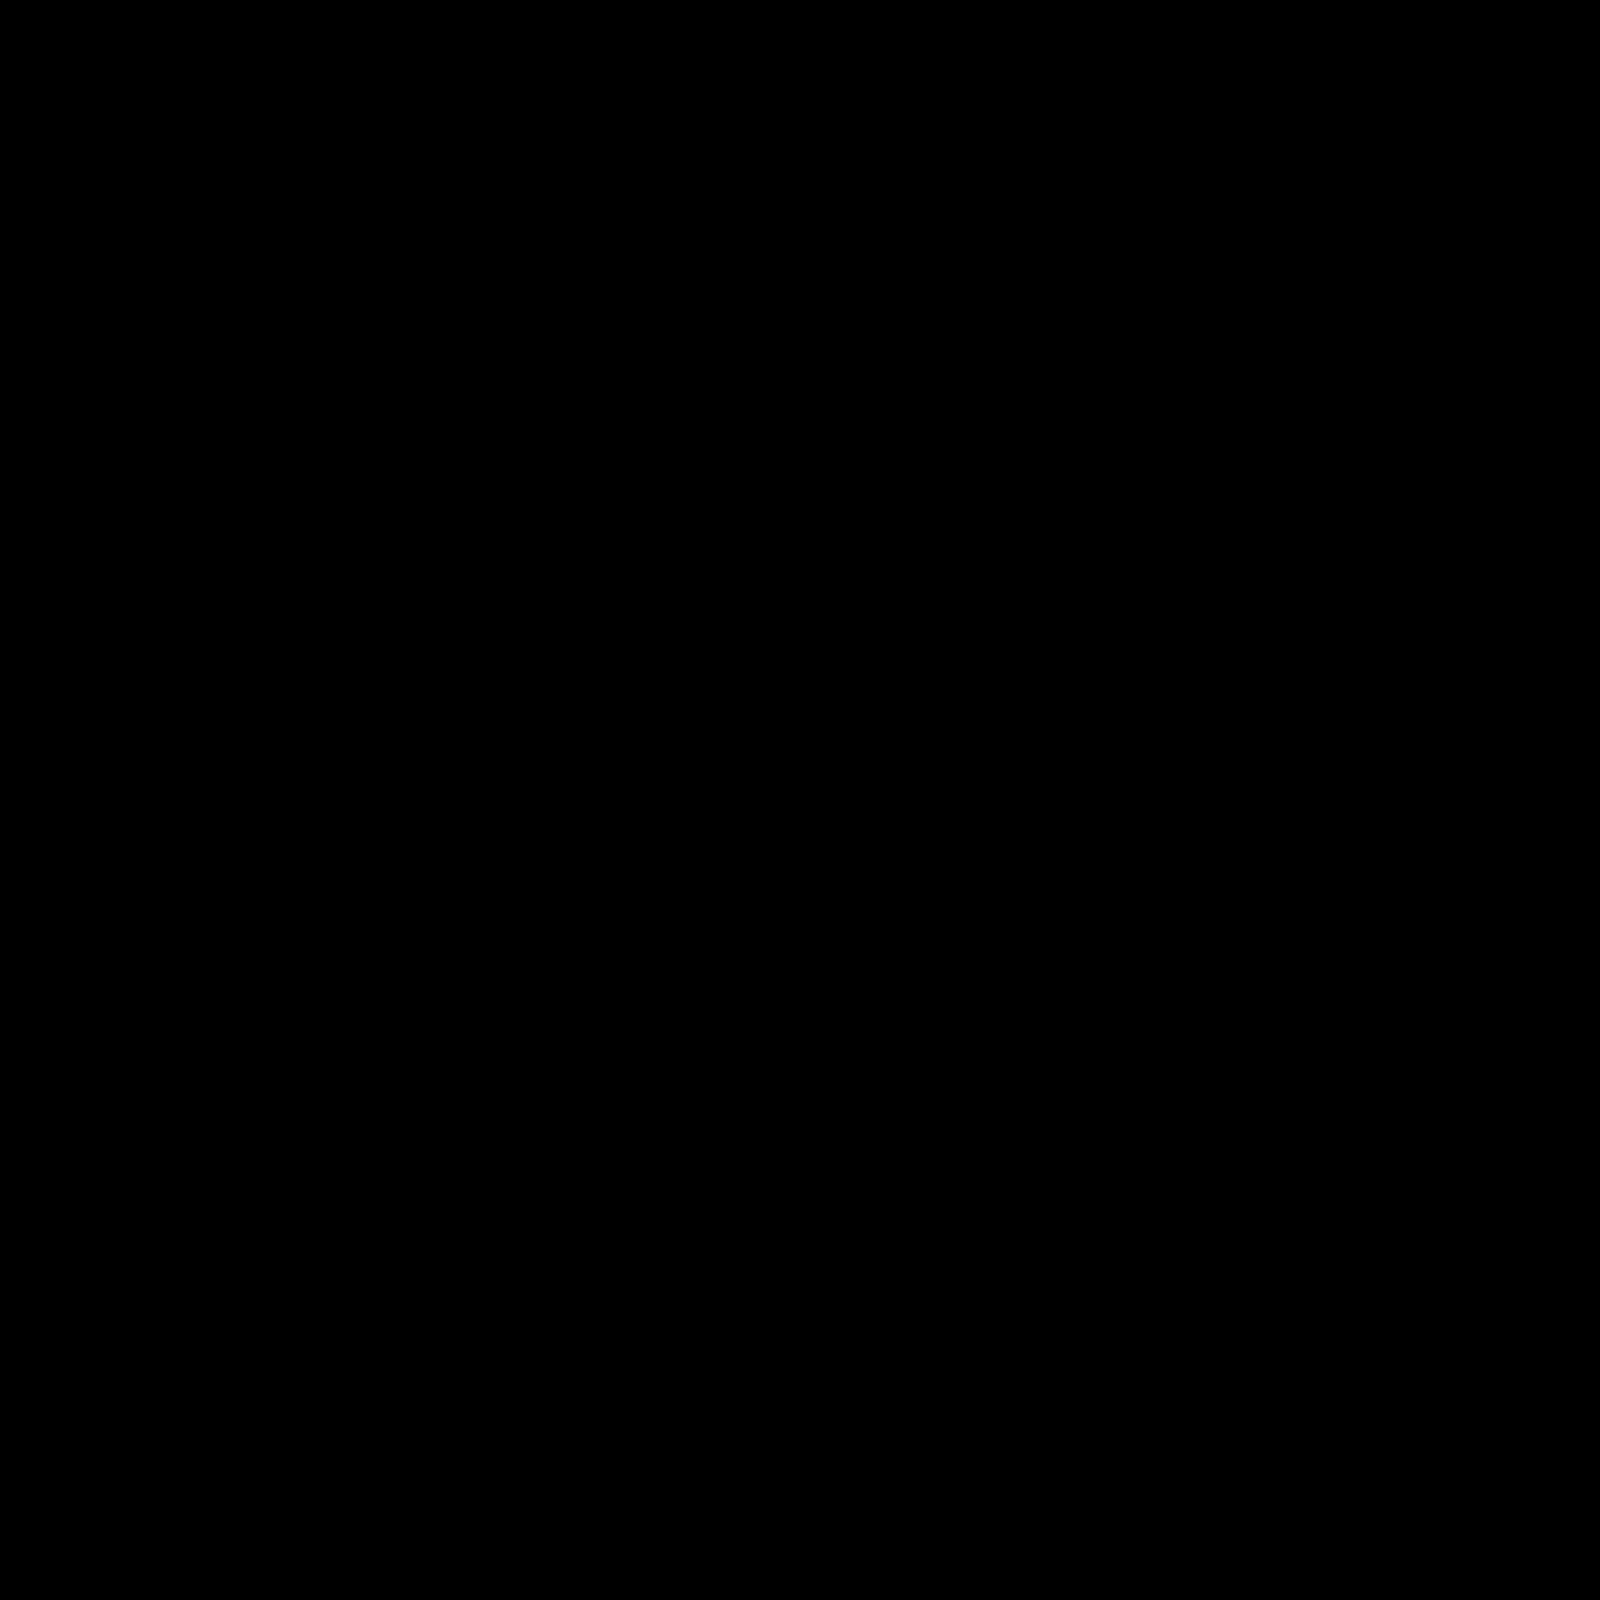 1600x1600 Sword Icon